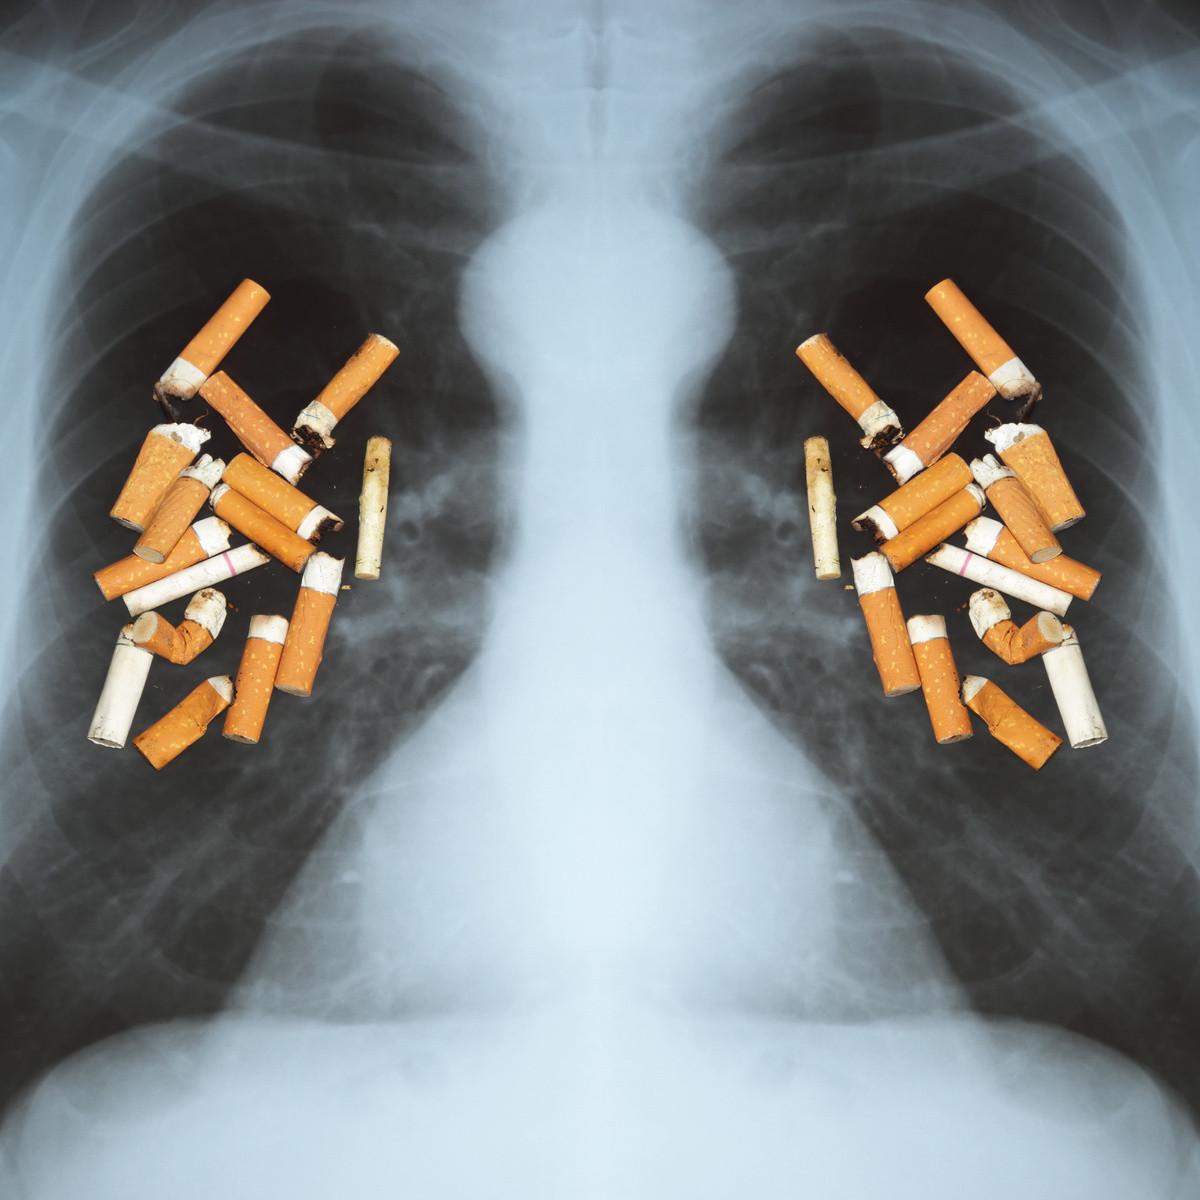 Сигаретные окурки